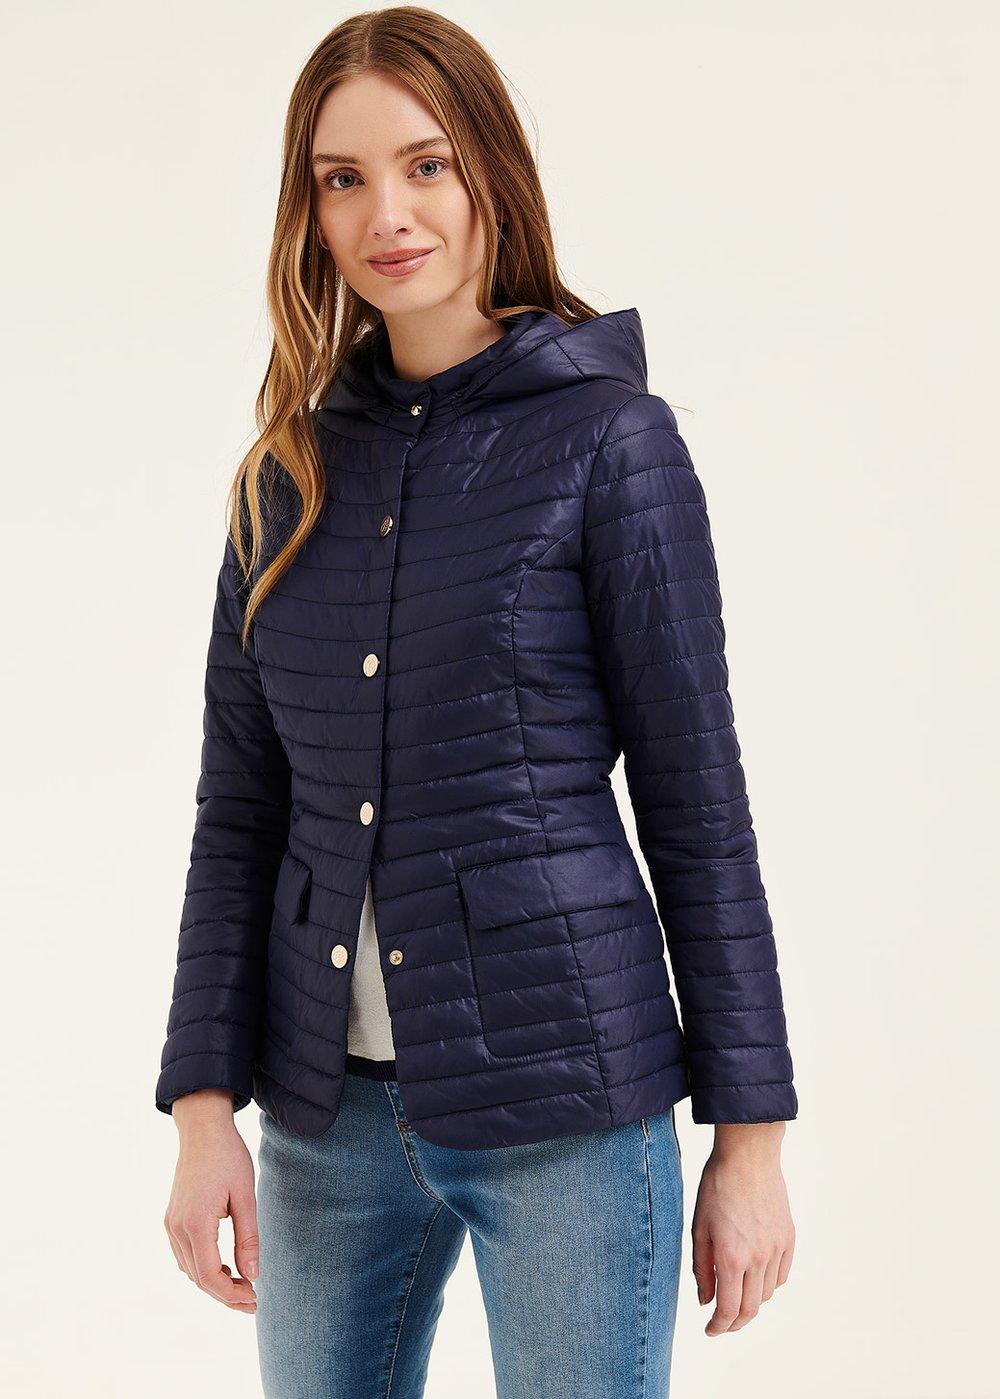 Garrys jacket with hood - Ultramarine - Woman